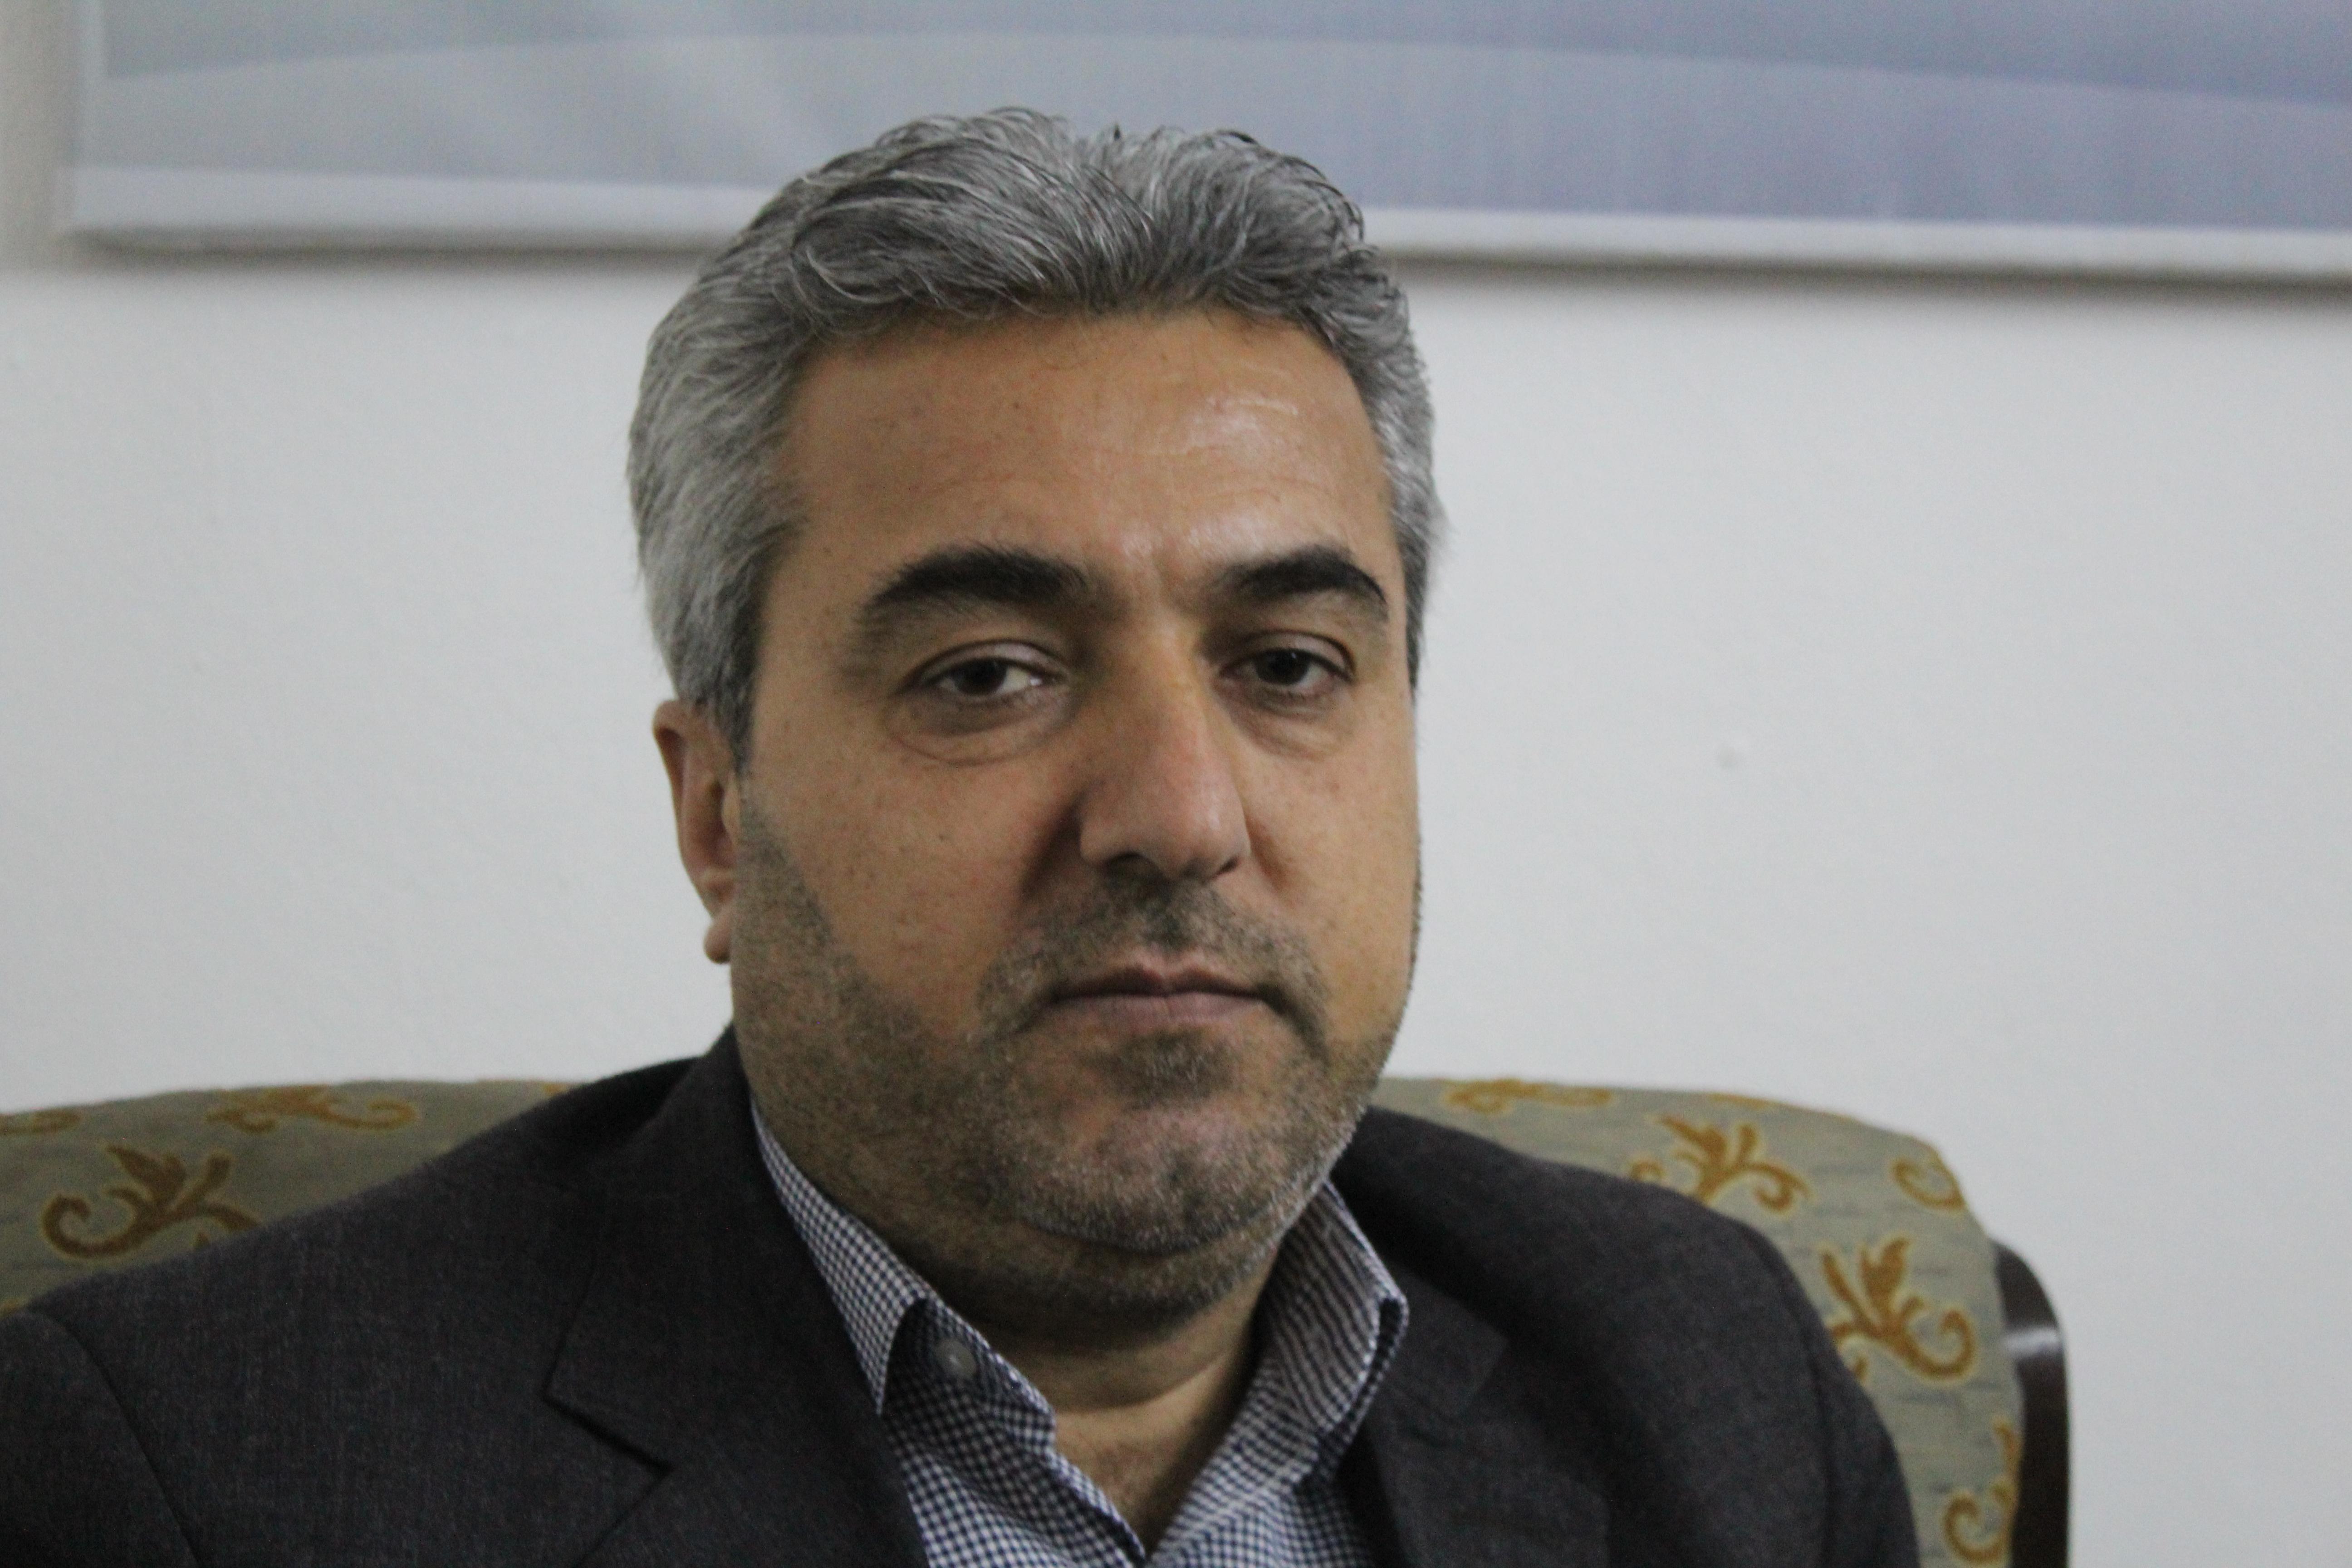 طلال محمد: تصريحات الأسد تثبت مدى تبعيته للأجندات الخارجية